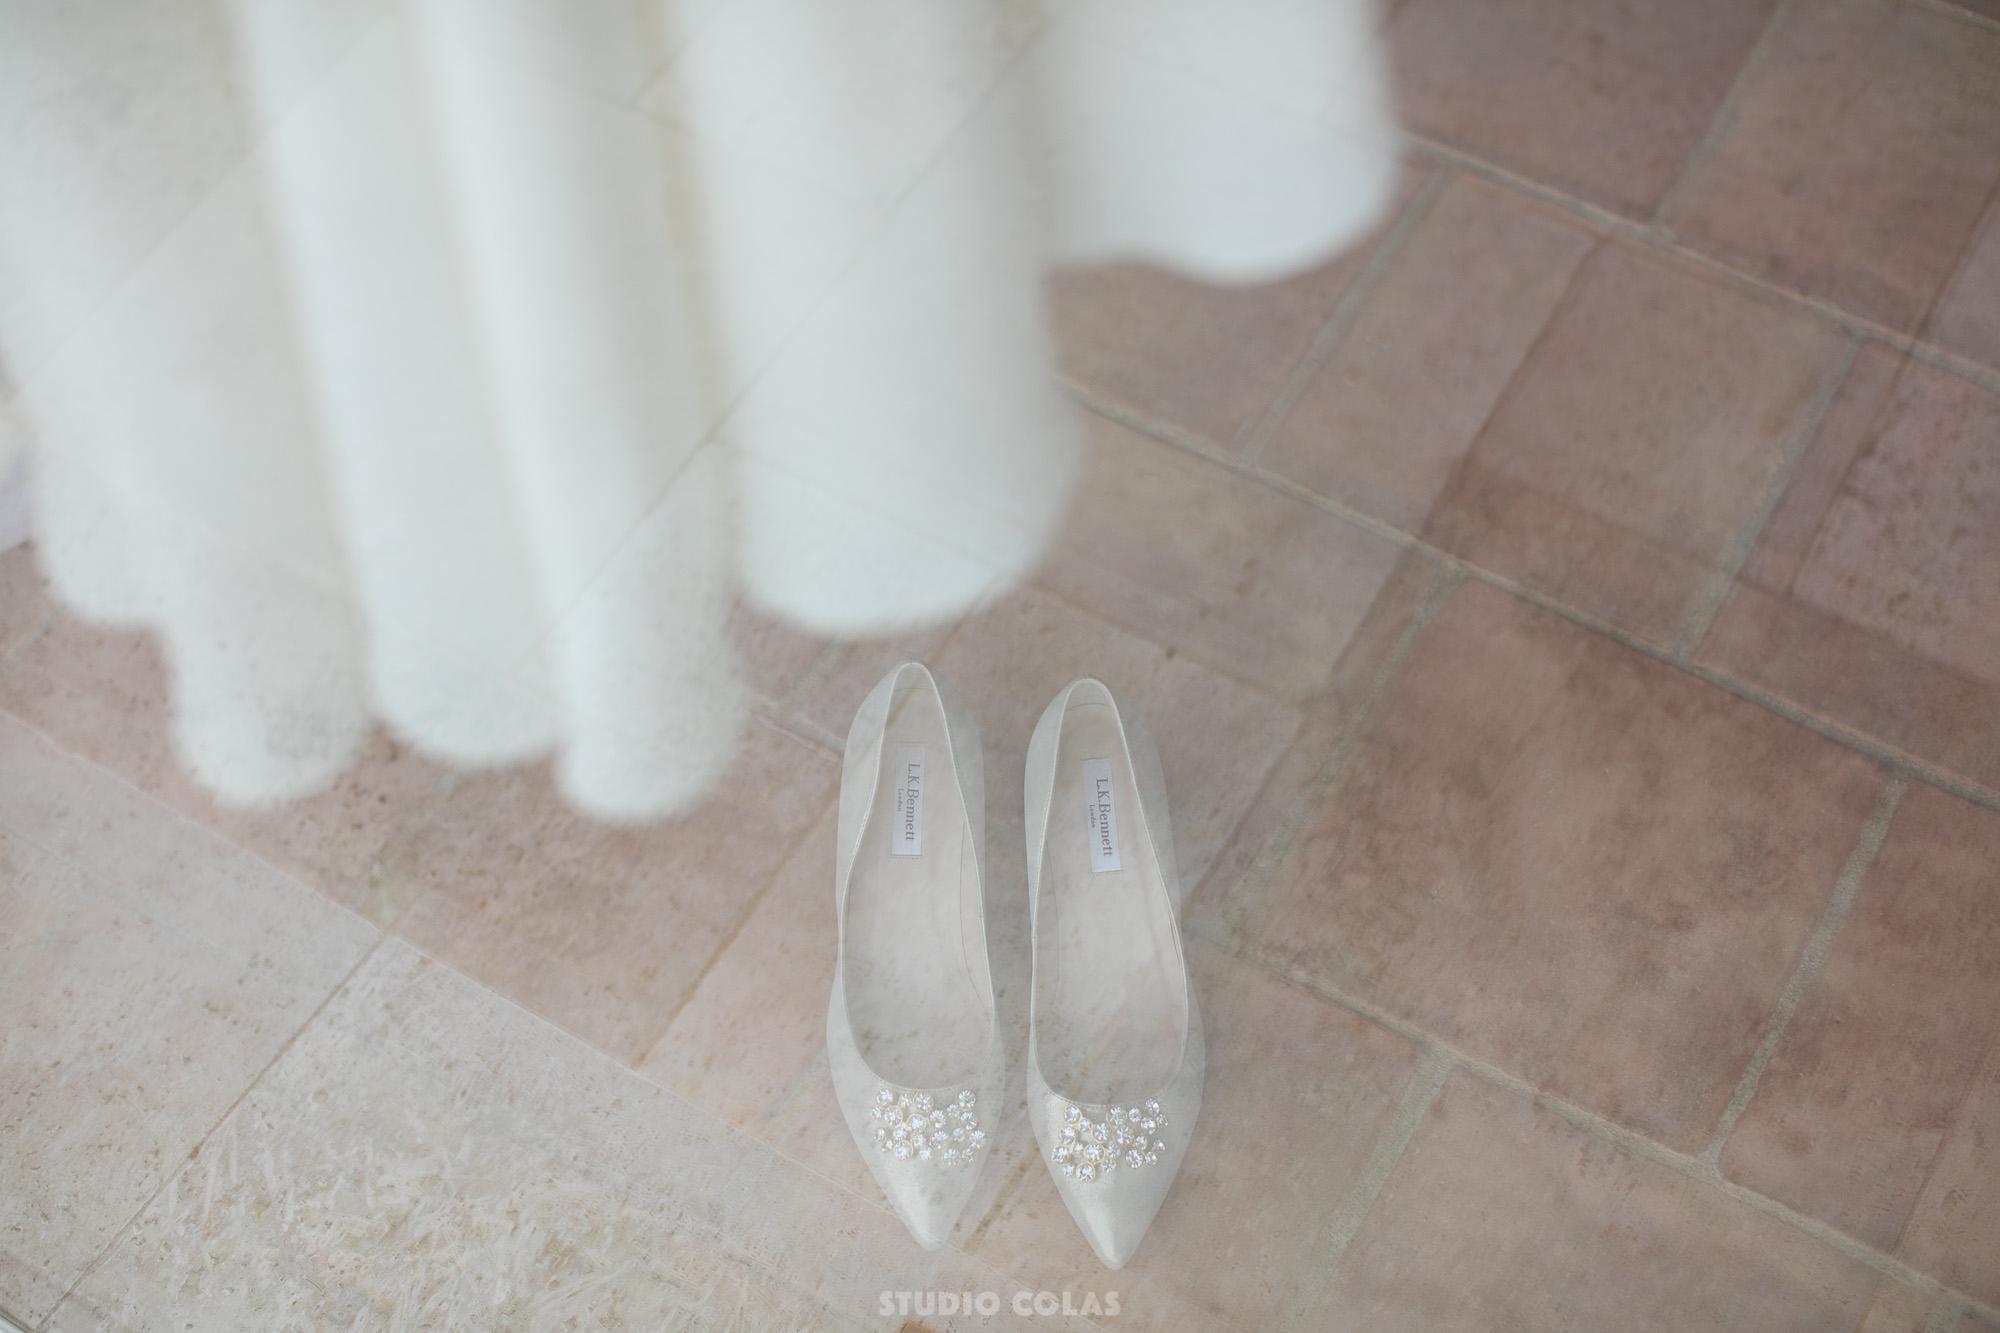 mariage-charlotte-medhi-photographe-studio-colas-saint-tropez-ramatuelle-grimaud-plage-jumeaux-garde-frenet-france-89